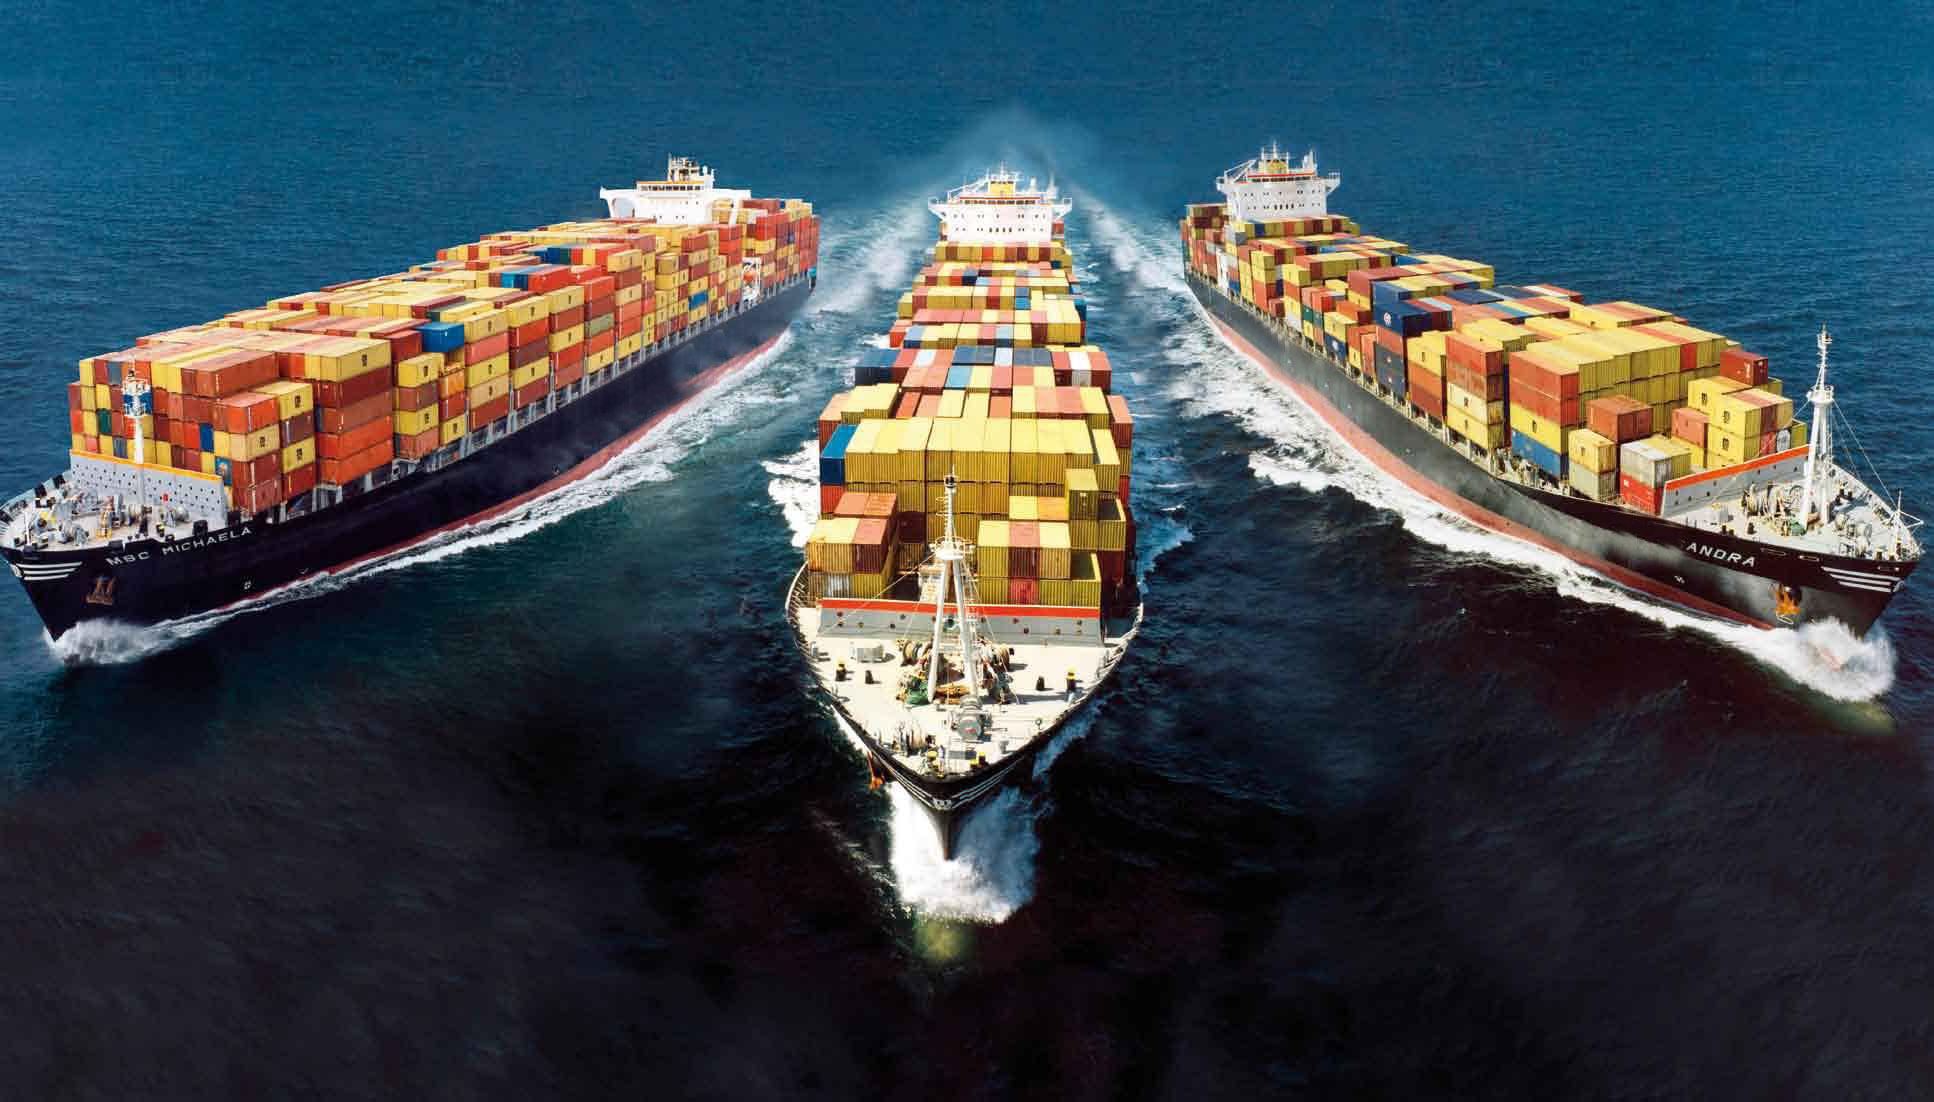 защита фрахт 1 тонны зерна морским судном экономической эффективности деятельности